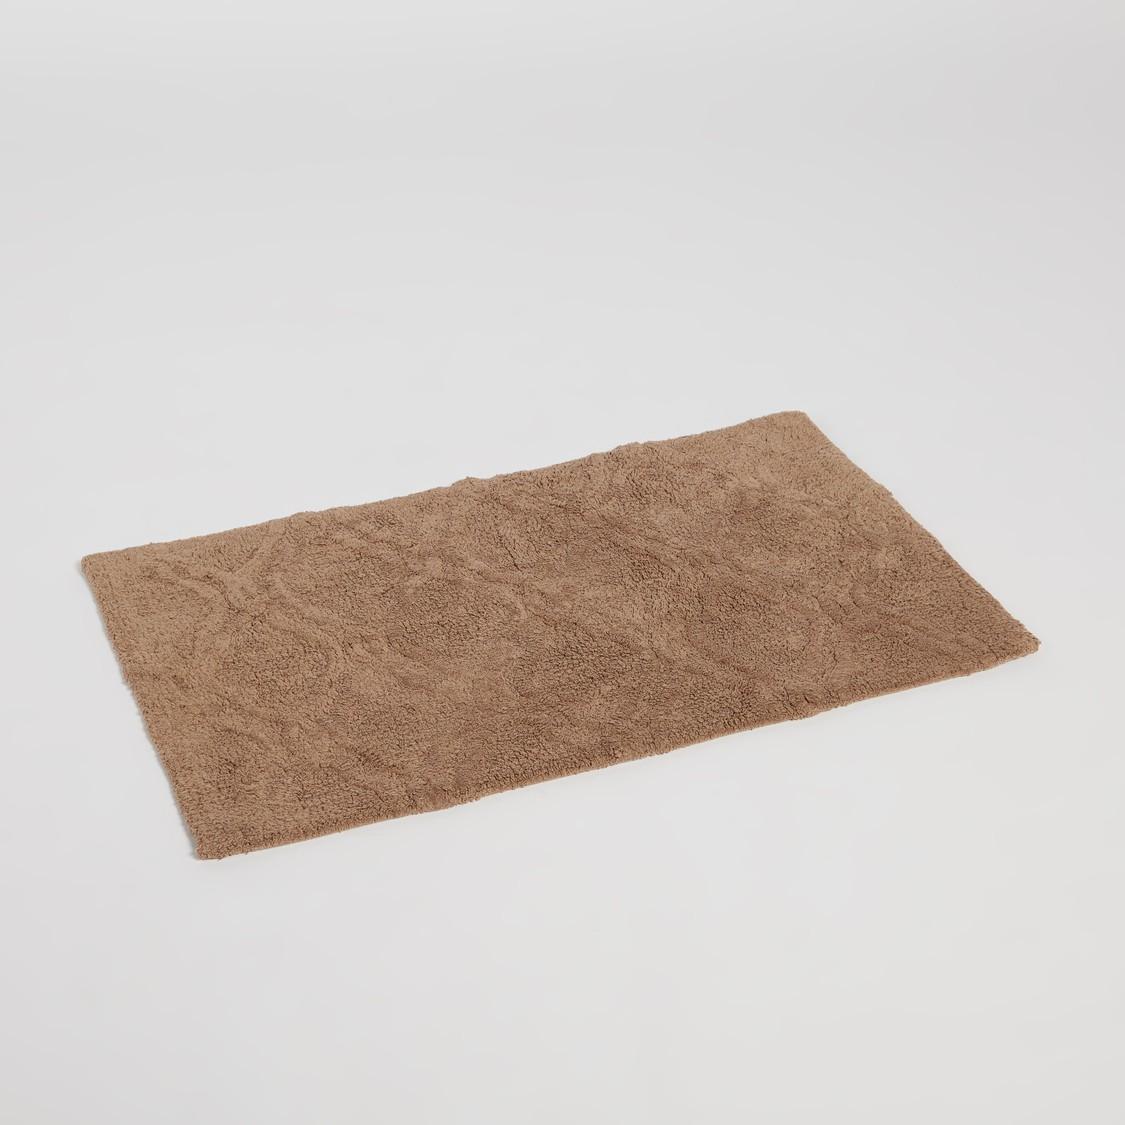 Textured Rectangular Bath Mat - 50x80 cms